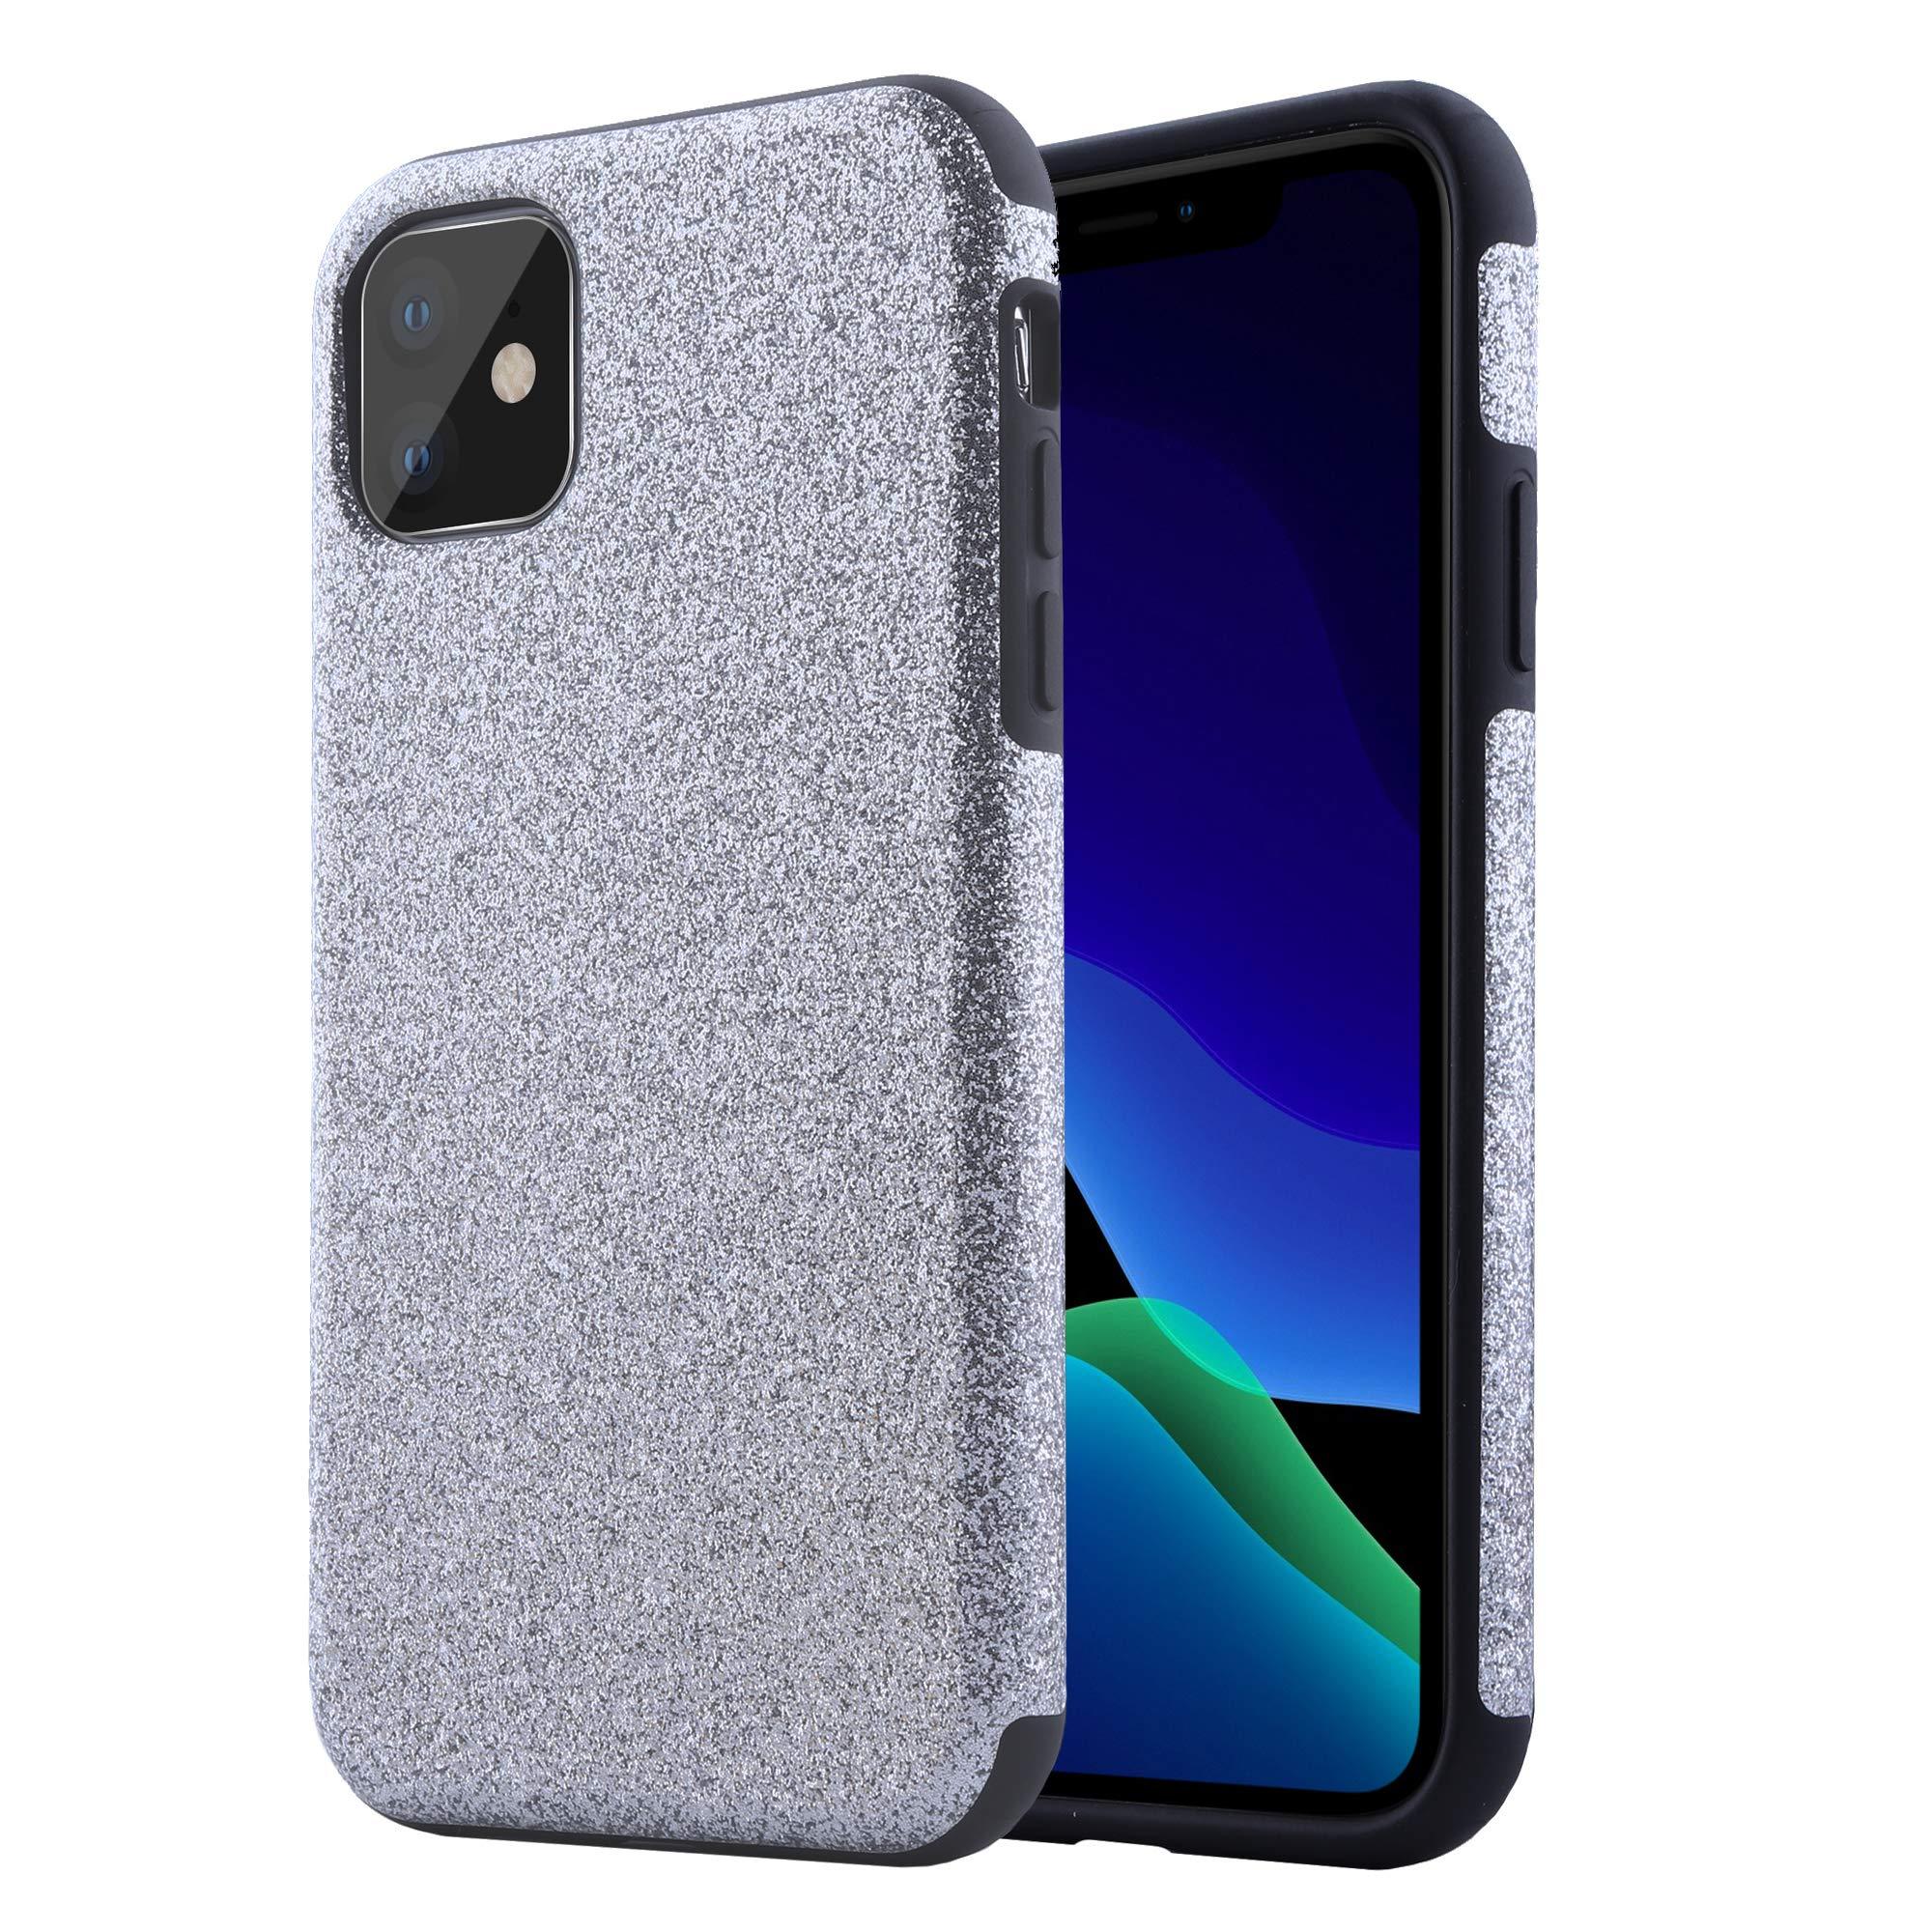 Funda Iphone 11 Pro Max Glitter STARRED [7WGM5C4T]